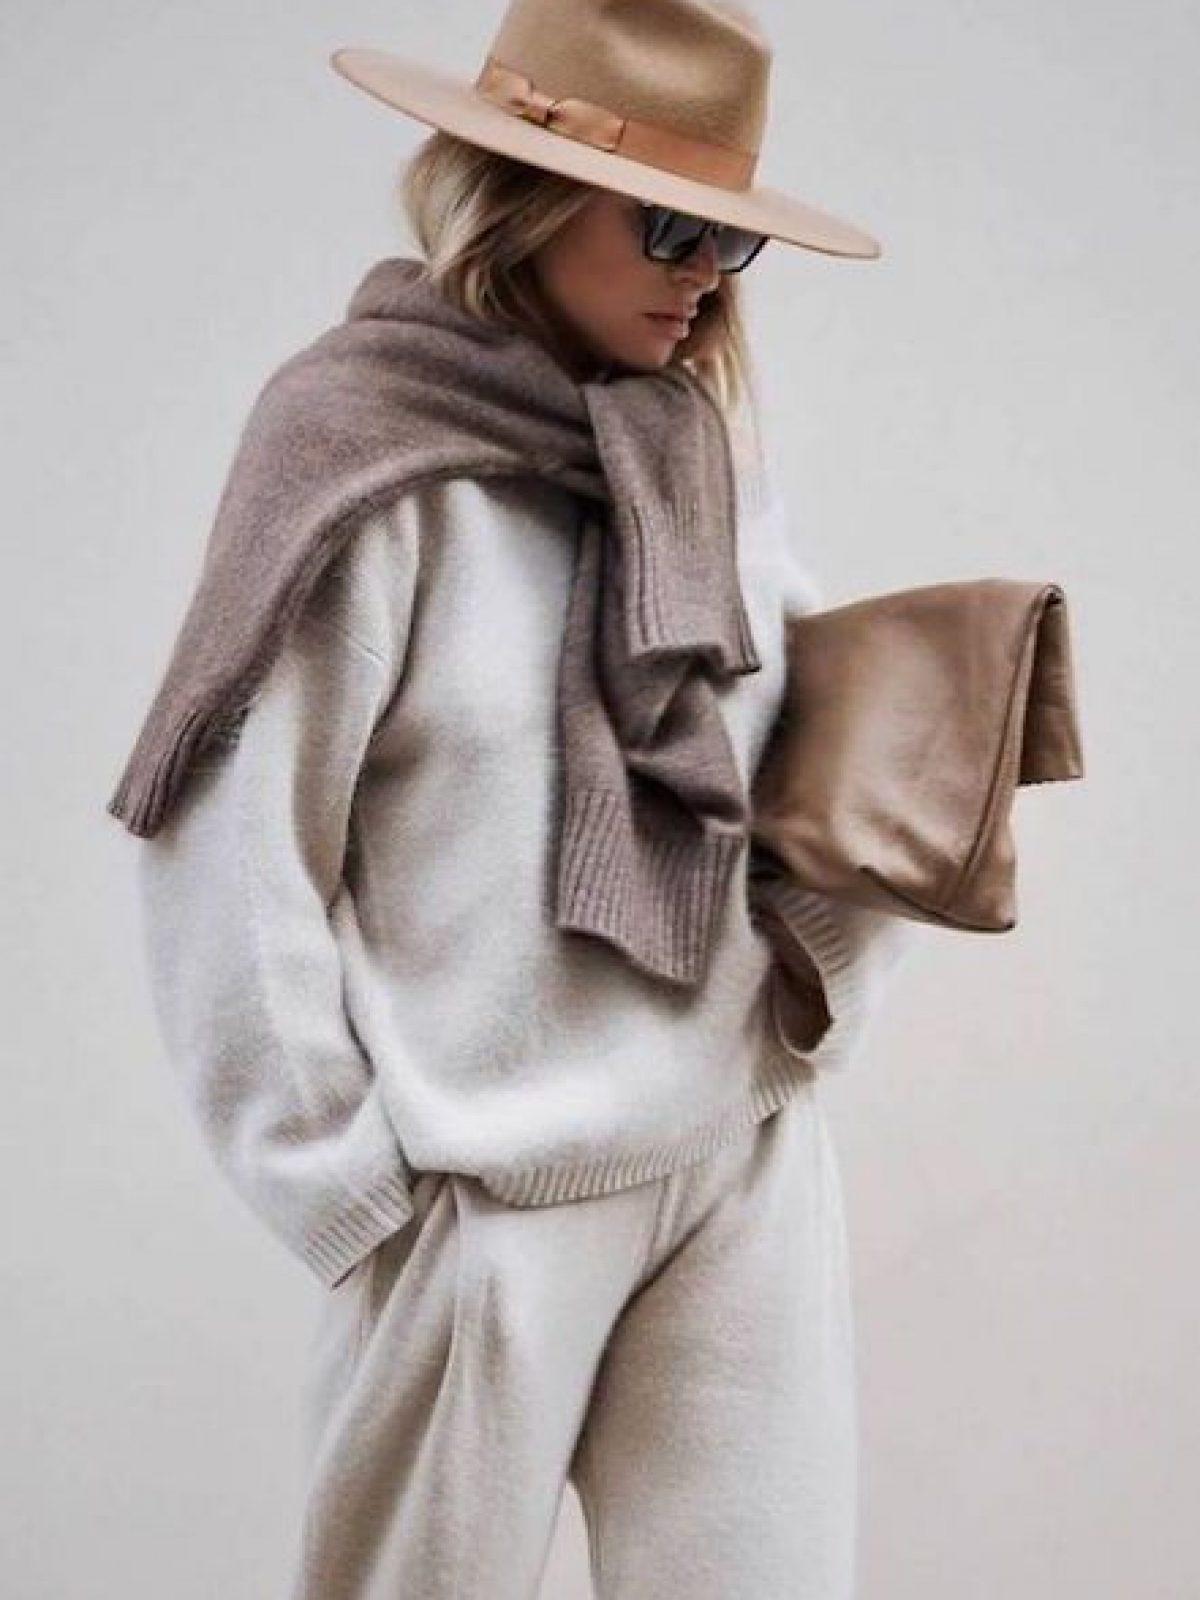 Come indossare la tuta con stile_ idee di look – Con cosa lo metto?